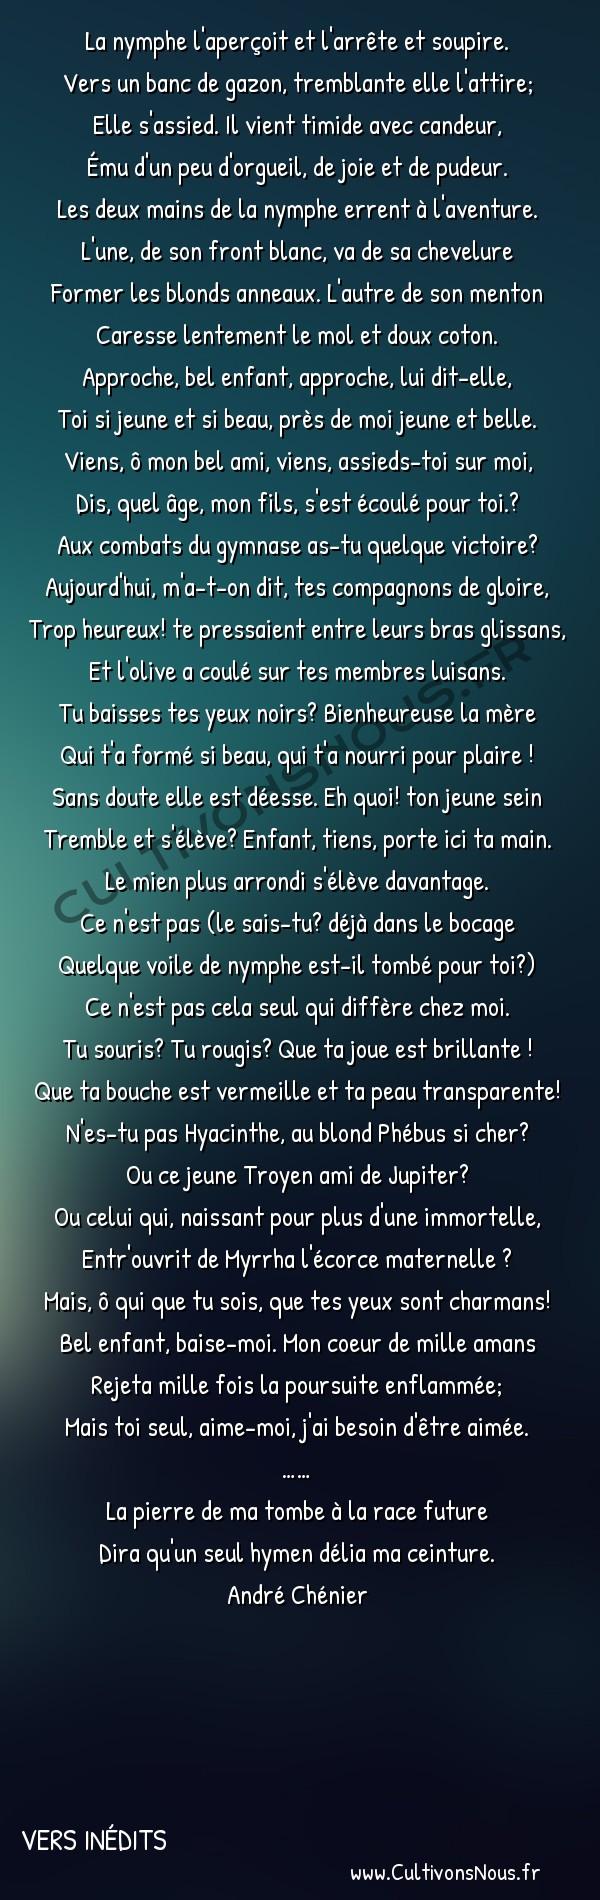 Poésies André Chénier - Vers inédits - La nymphe l'aperçoit -  La nymphe l'aperçoit et l'arrête et soupire. Vers un banc de gazon, tremblante elle l'attire;